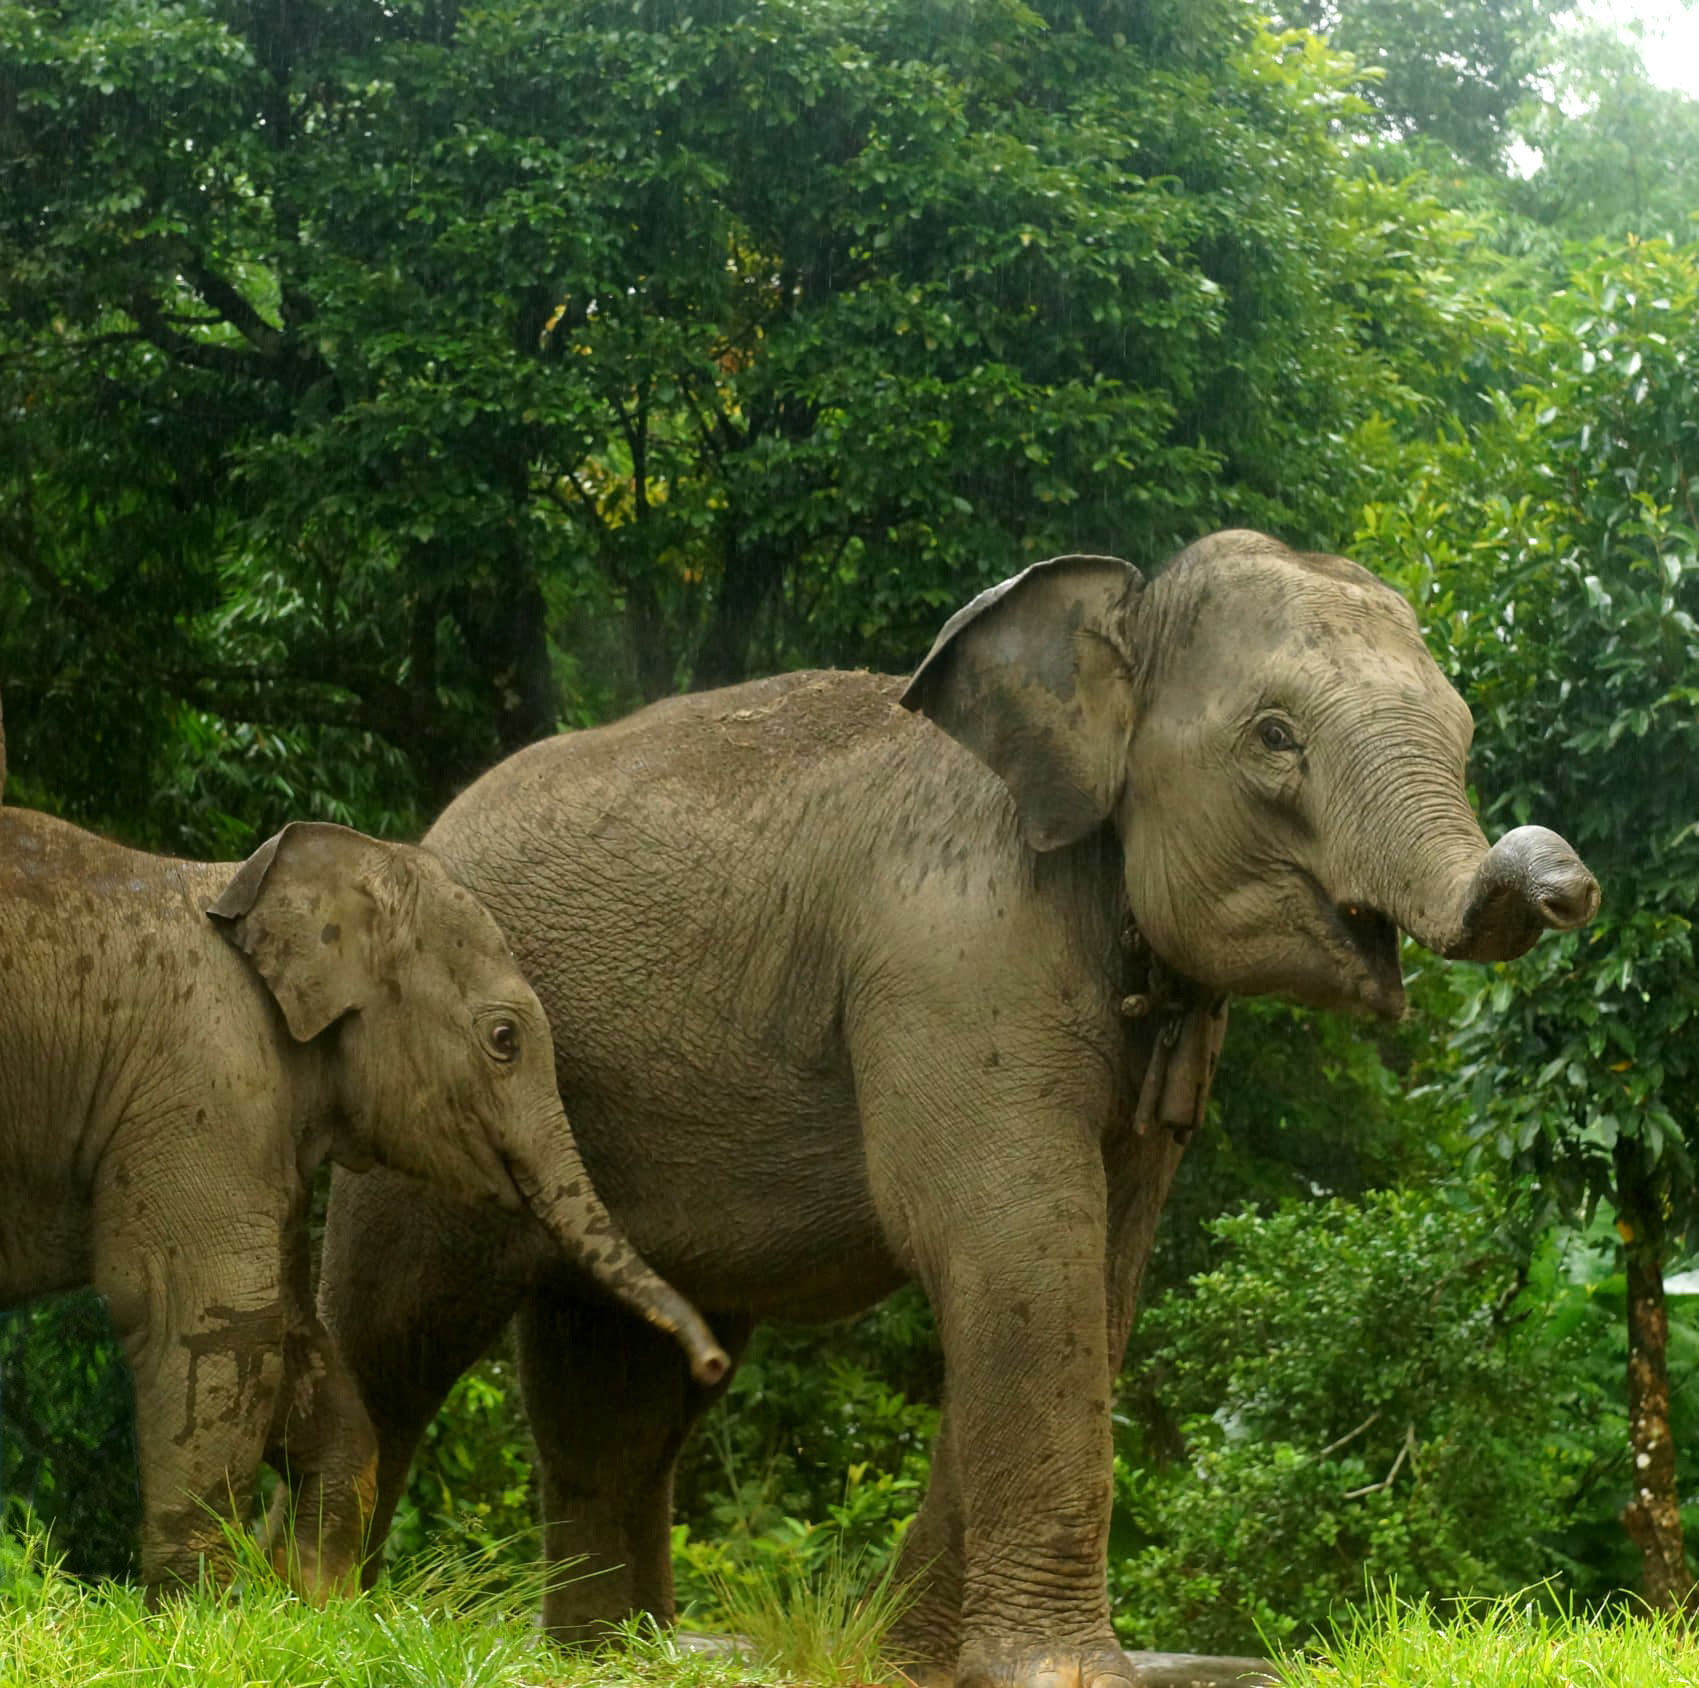 Elefanter i et af de reservater, vi giver ekstra støtte under coronakrisen